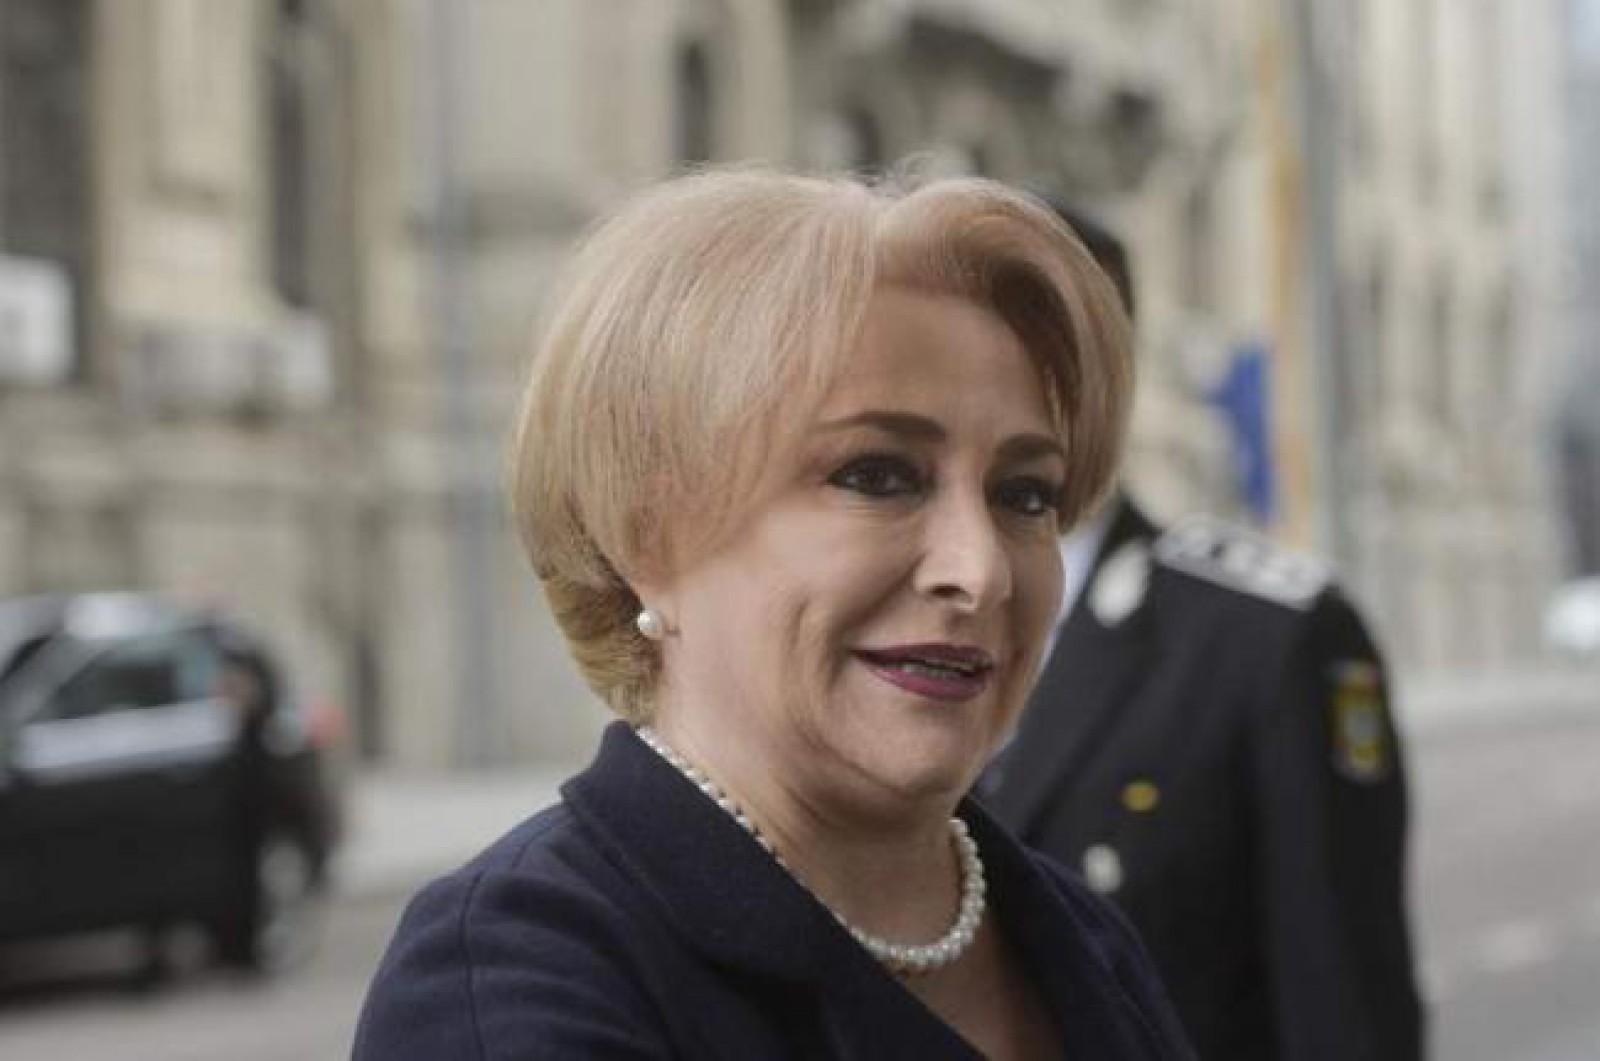 """(stop cadru) Premierul României gafează din nou. Vorbește despre ea la persoana a III-a și spune: """"Orice om îi este teamă de o plângere penală"""""""